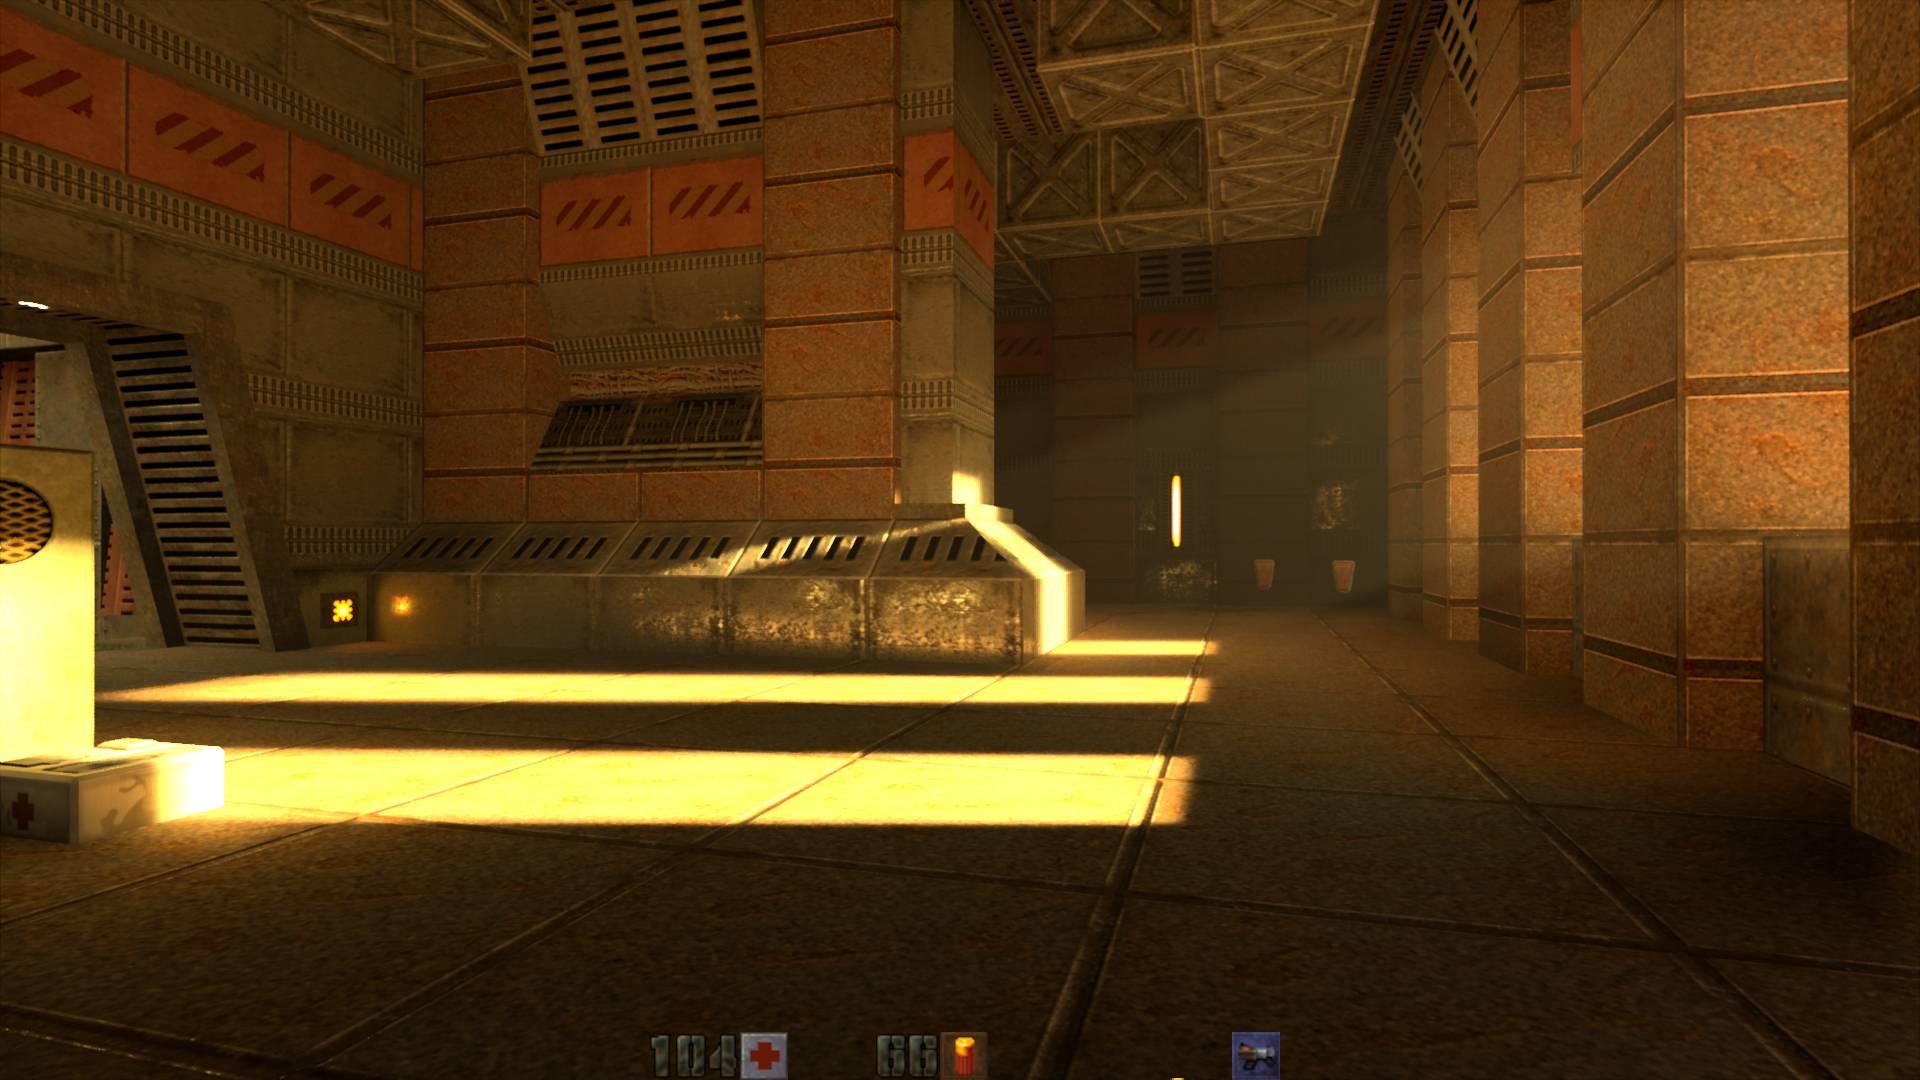 NVIDIA presentó una demo de Quake II con ray-tracing que se ve increíble